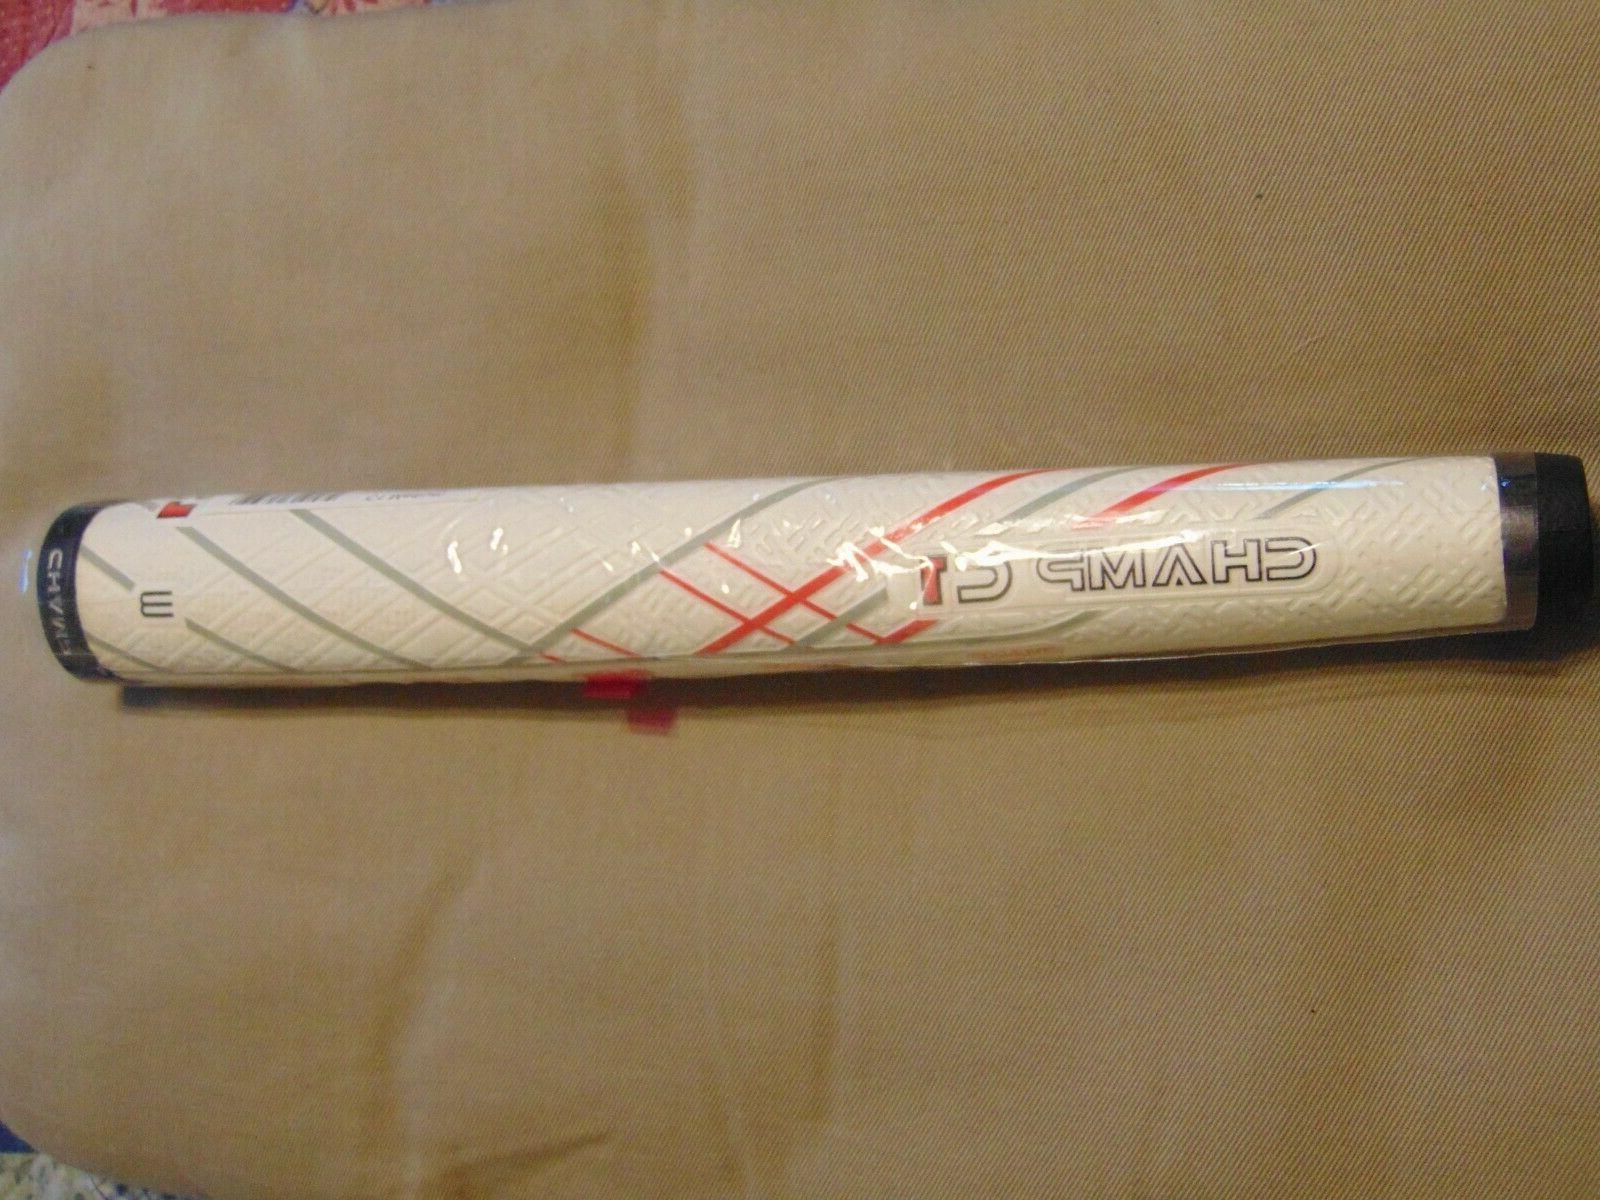 new c1 medium putter grip 70g white